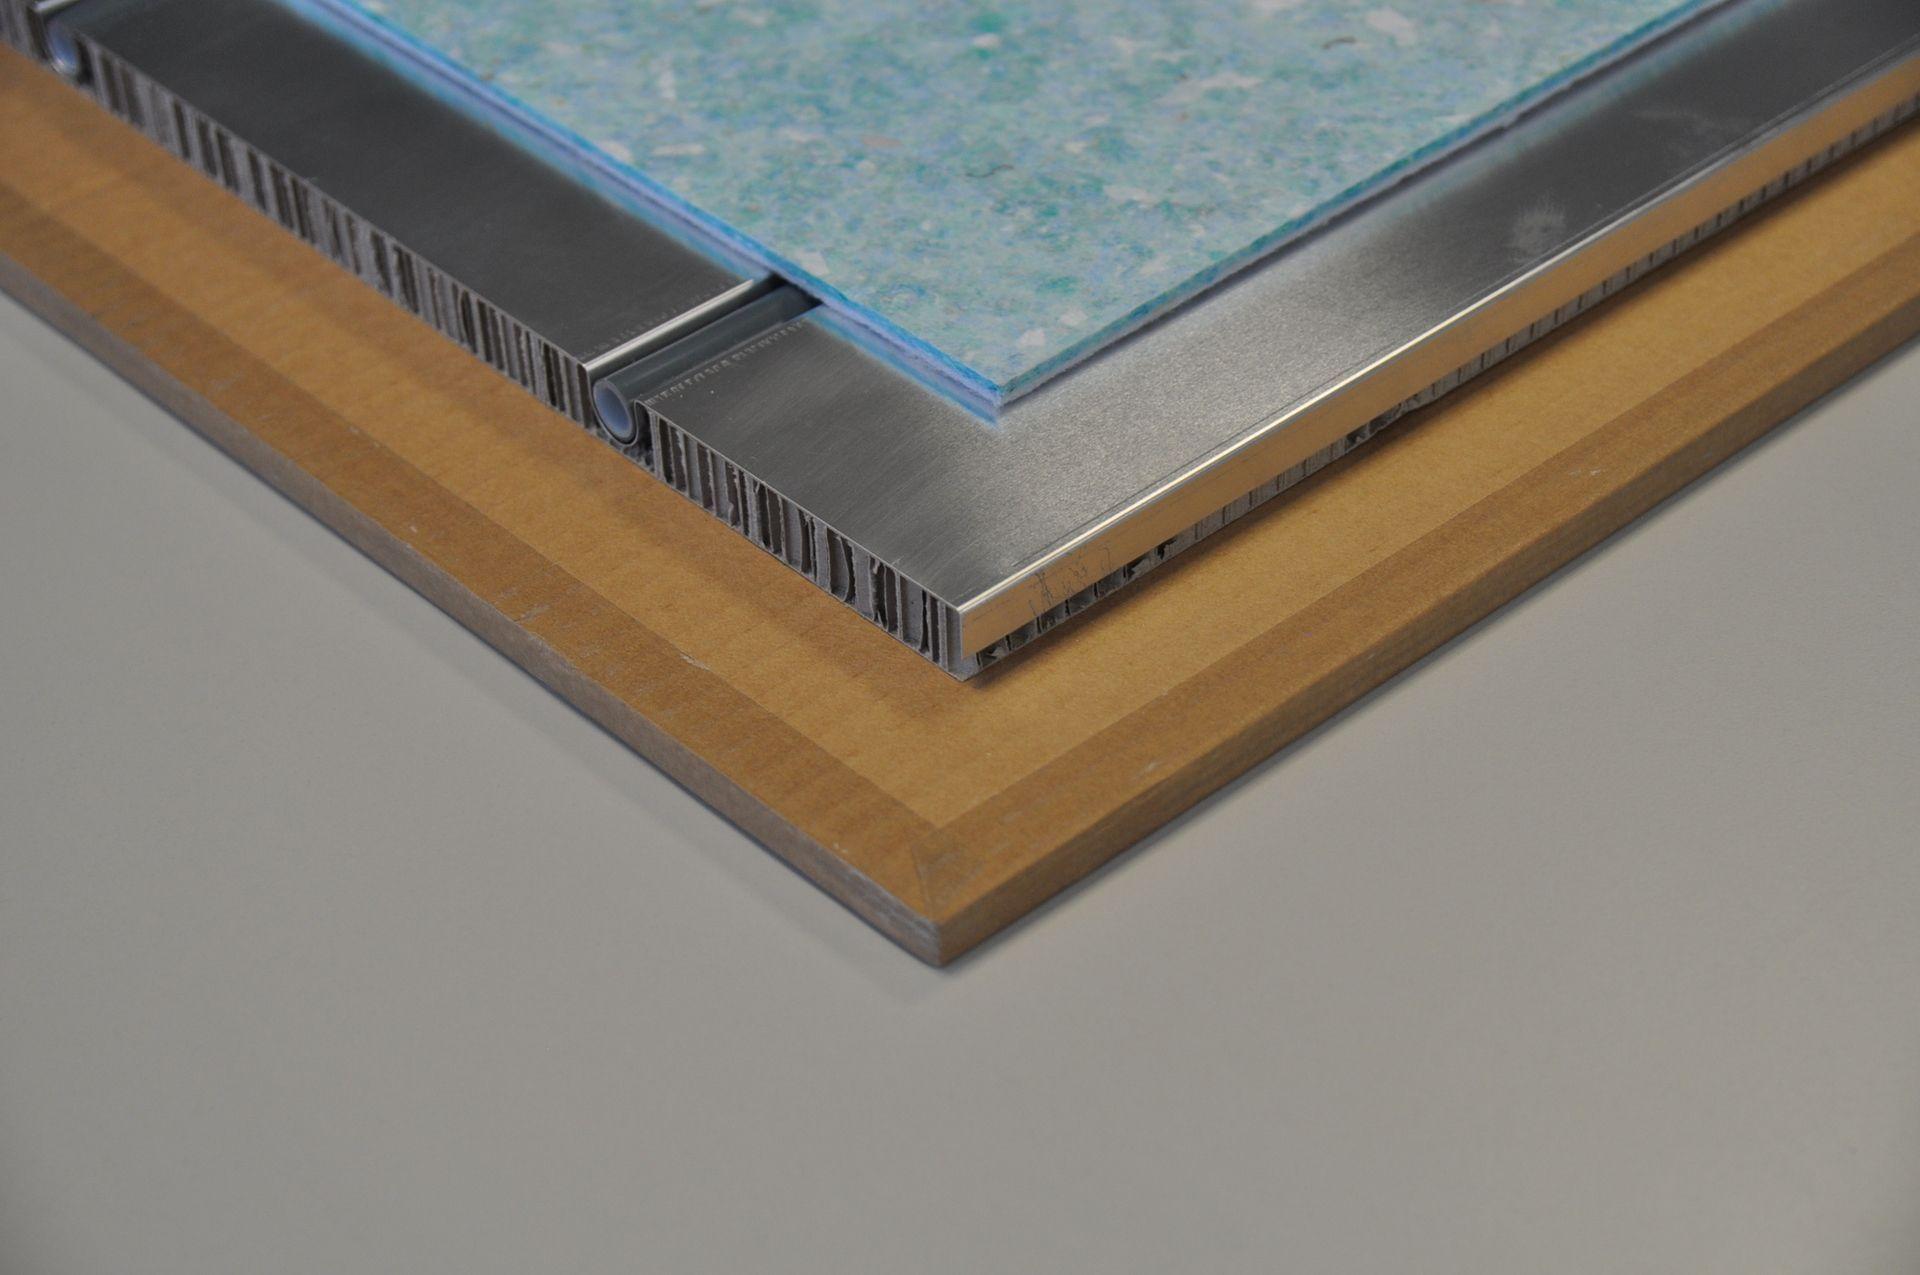 wolf entkopplungsplatte auf fu bodenheizung powerfloor slimline auf trockenestrich tritt und. Black Bedroom Furniture Sets. Home Design Ideas